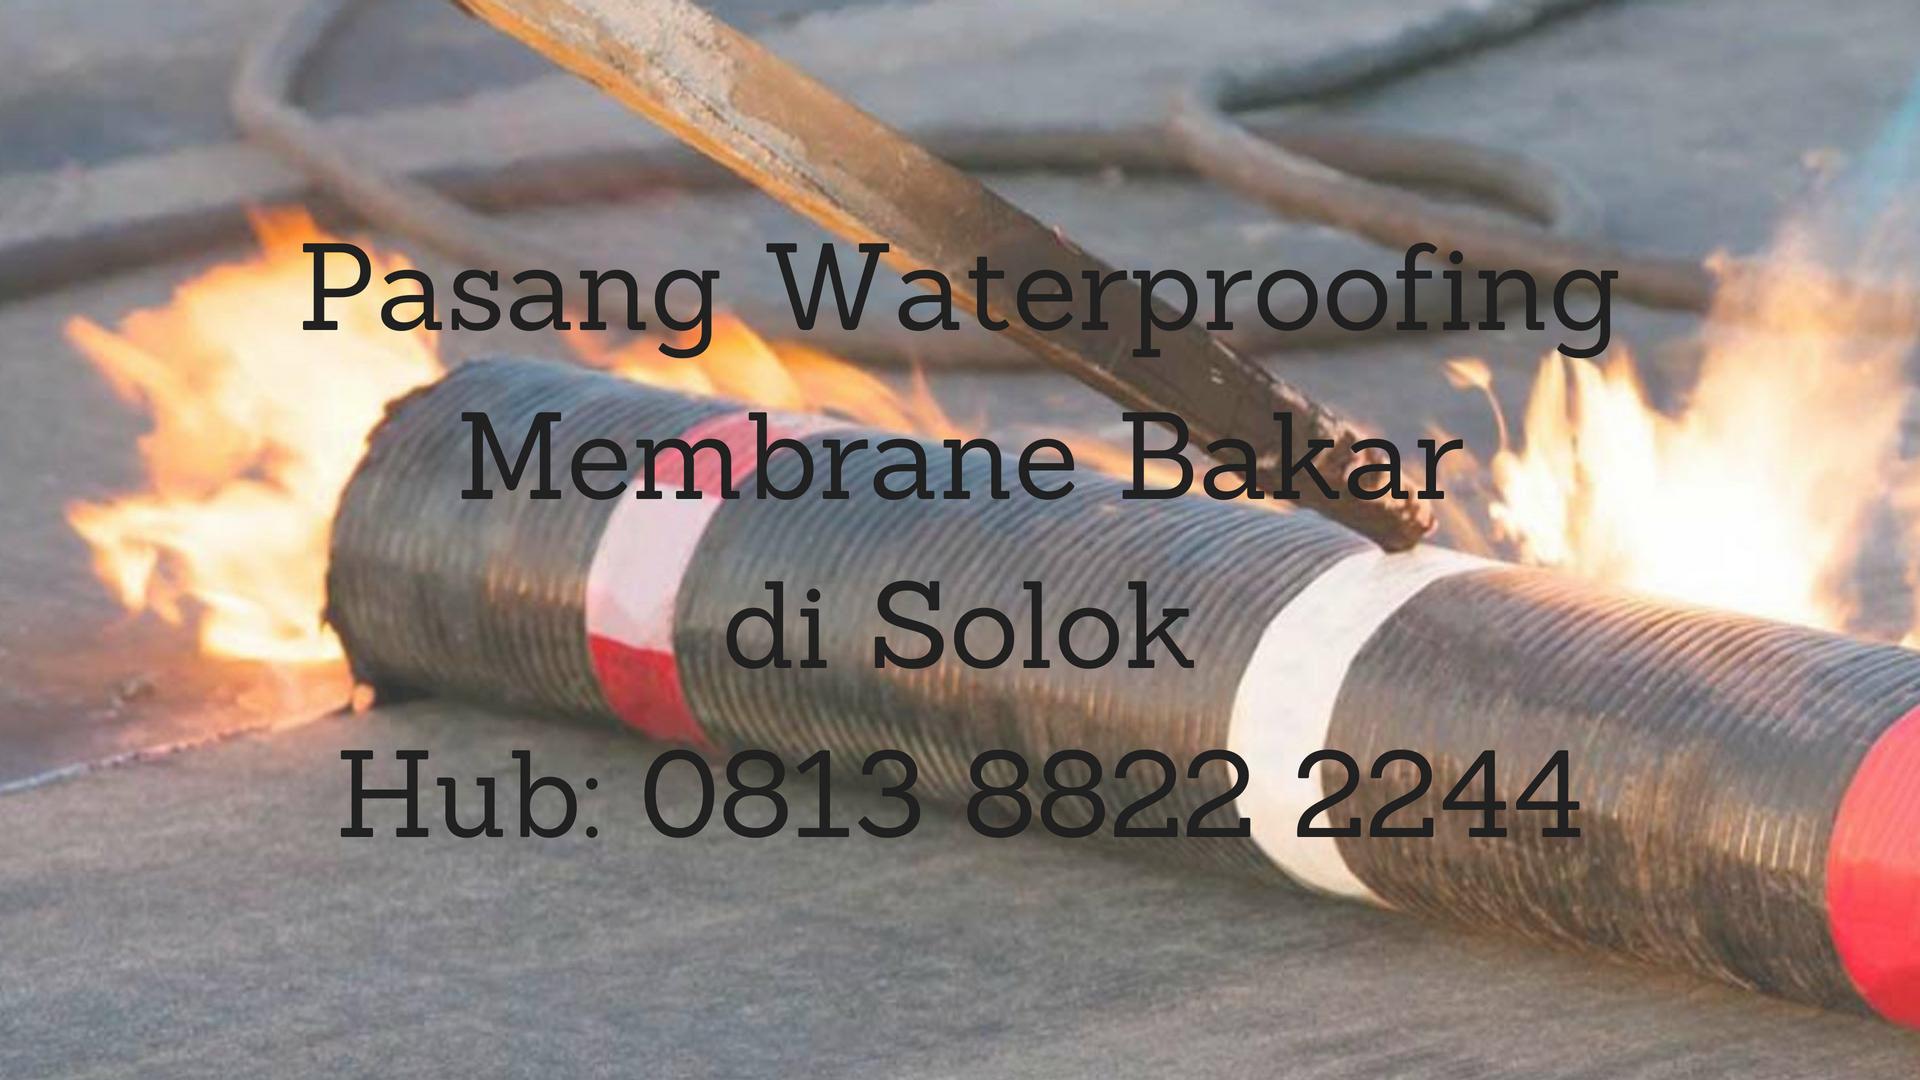 PASANG WATERPROOFING MEMBRANE BAKAR DI SOLOK. HUB : 0813 8822 2244